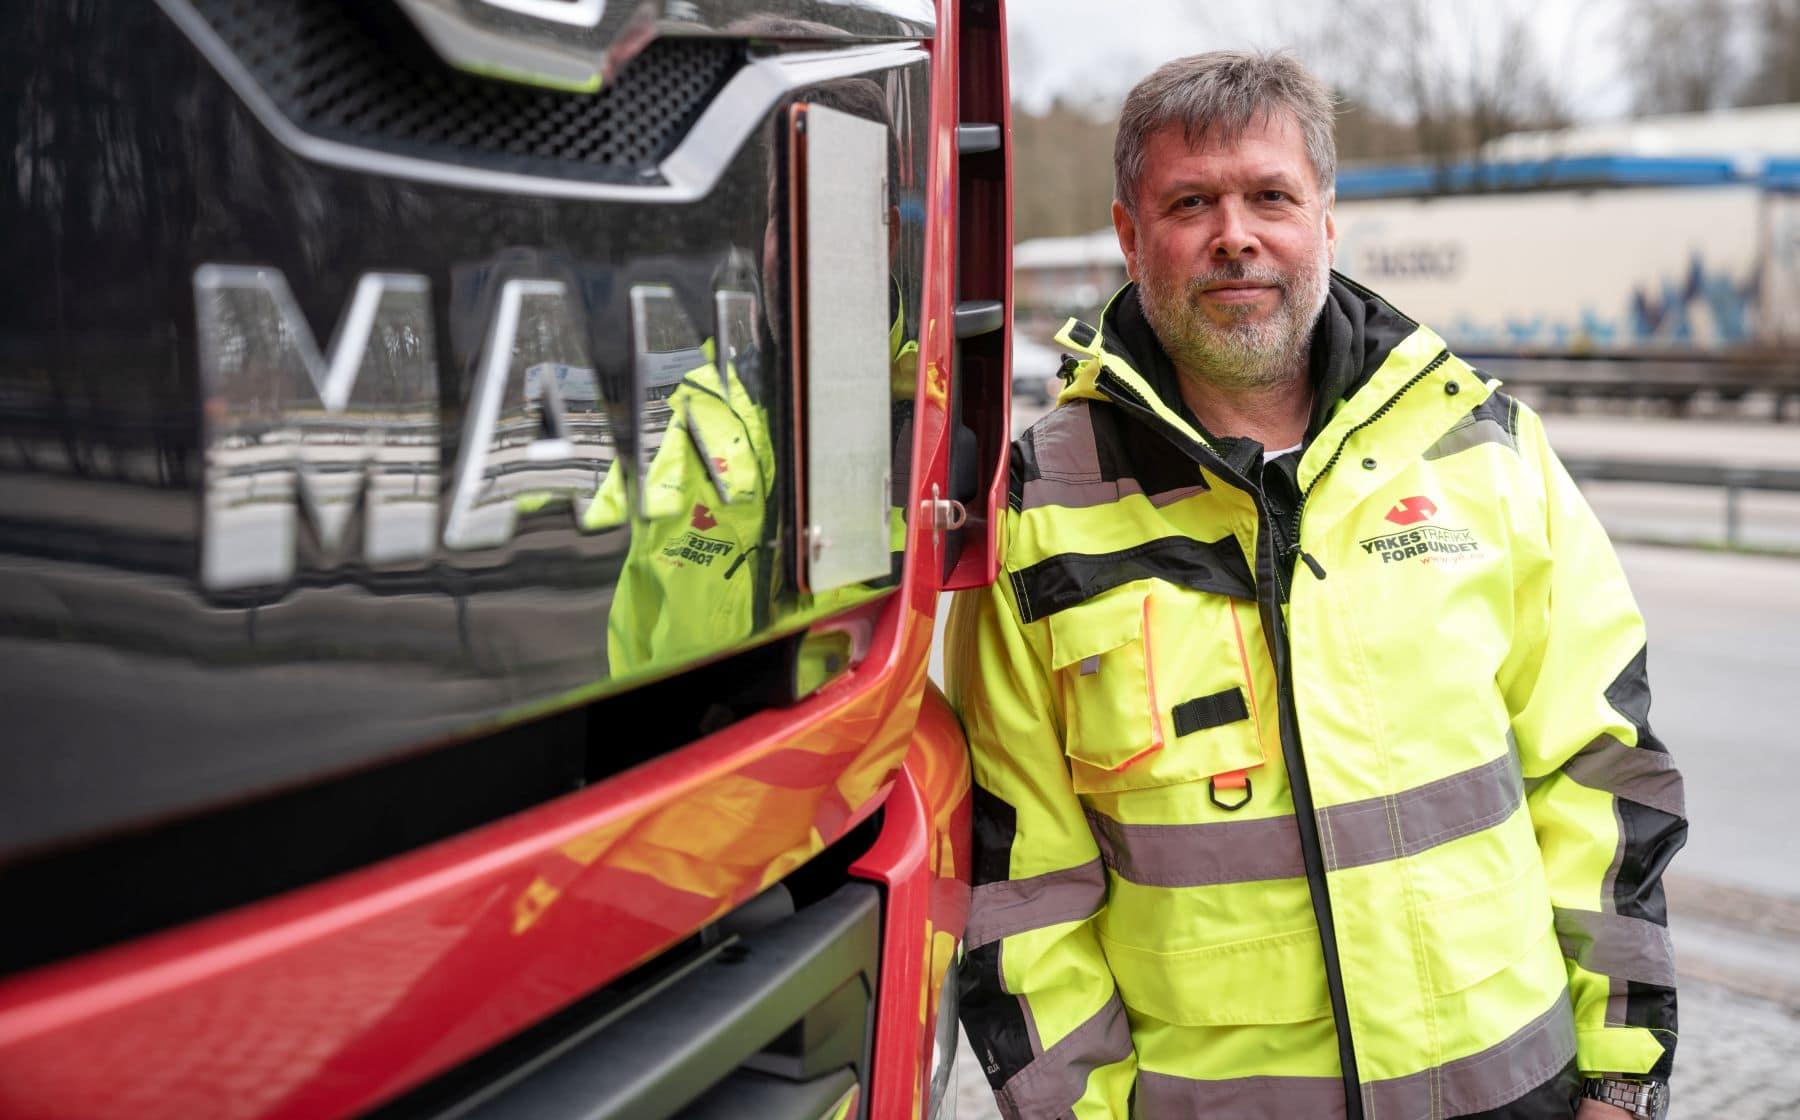 Yrkessjåfører vil prioritere trafikksikkerhet